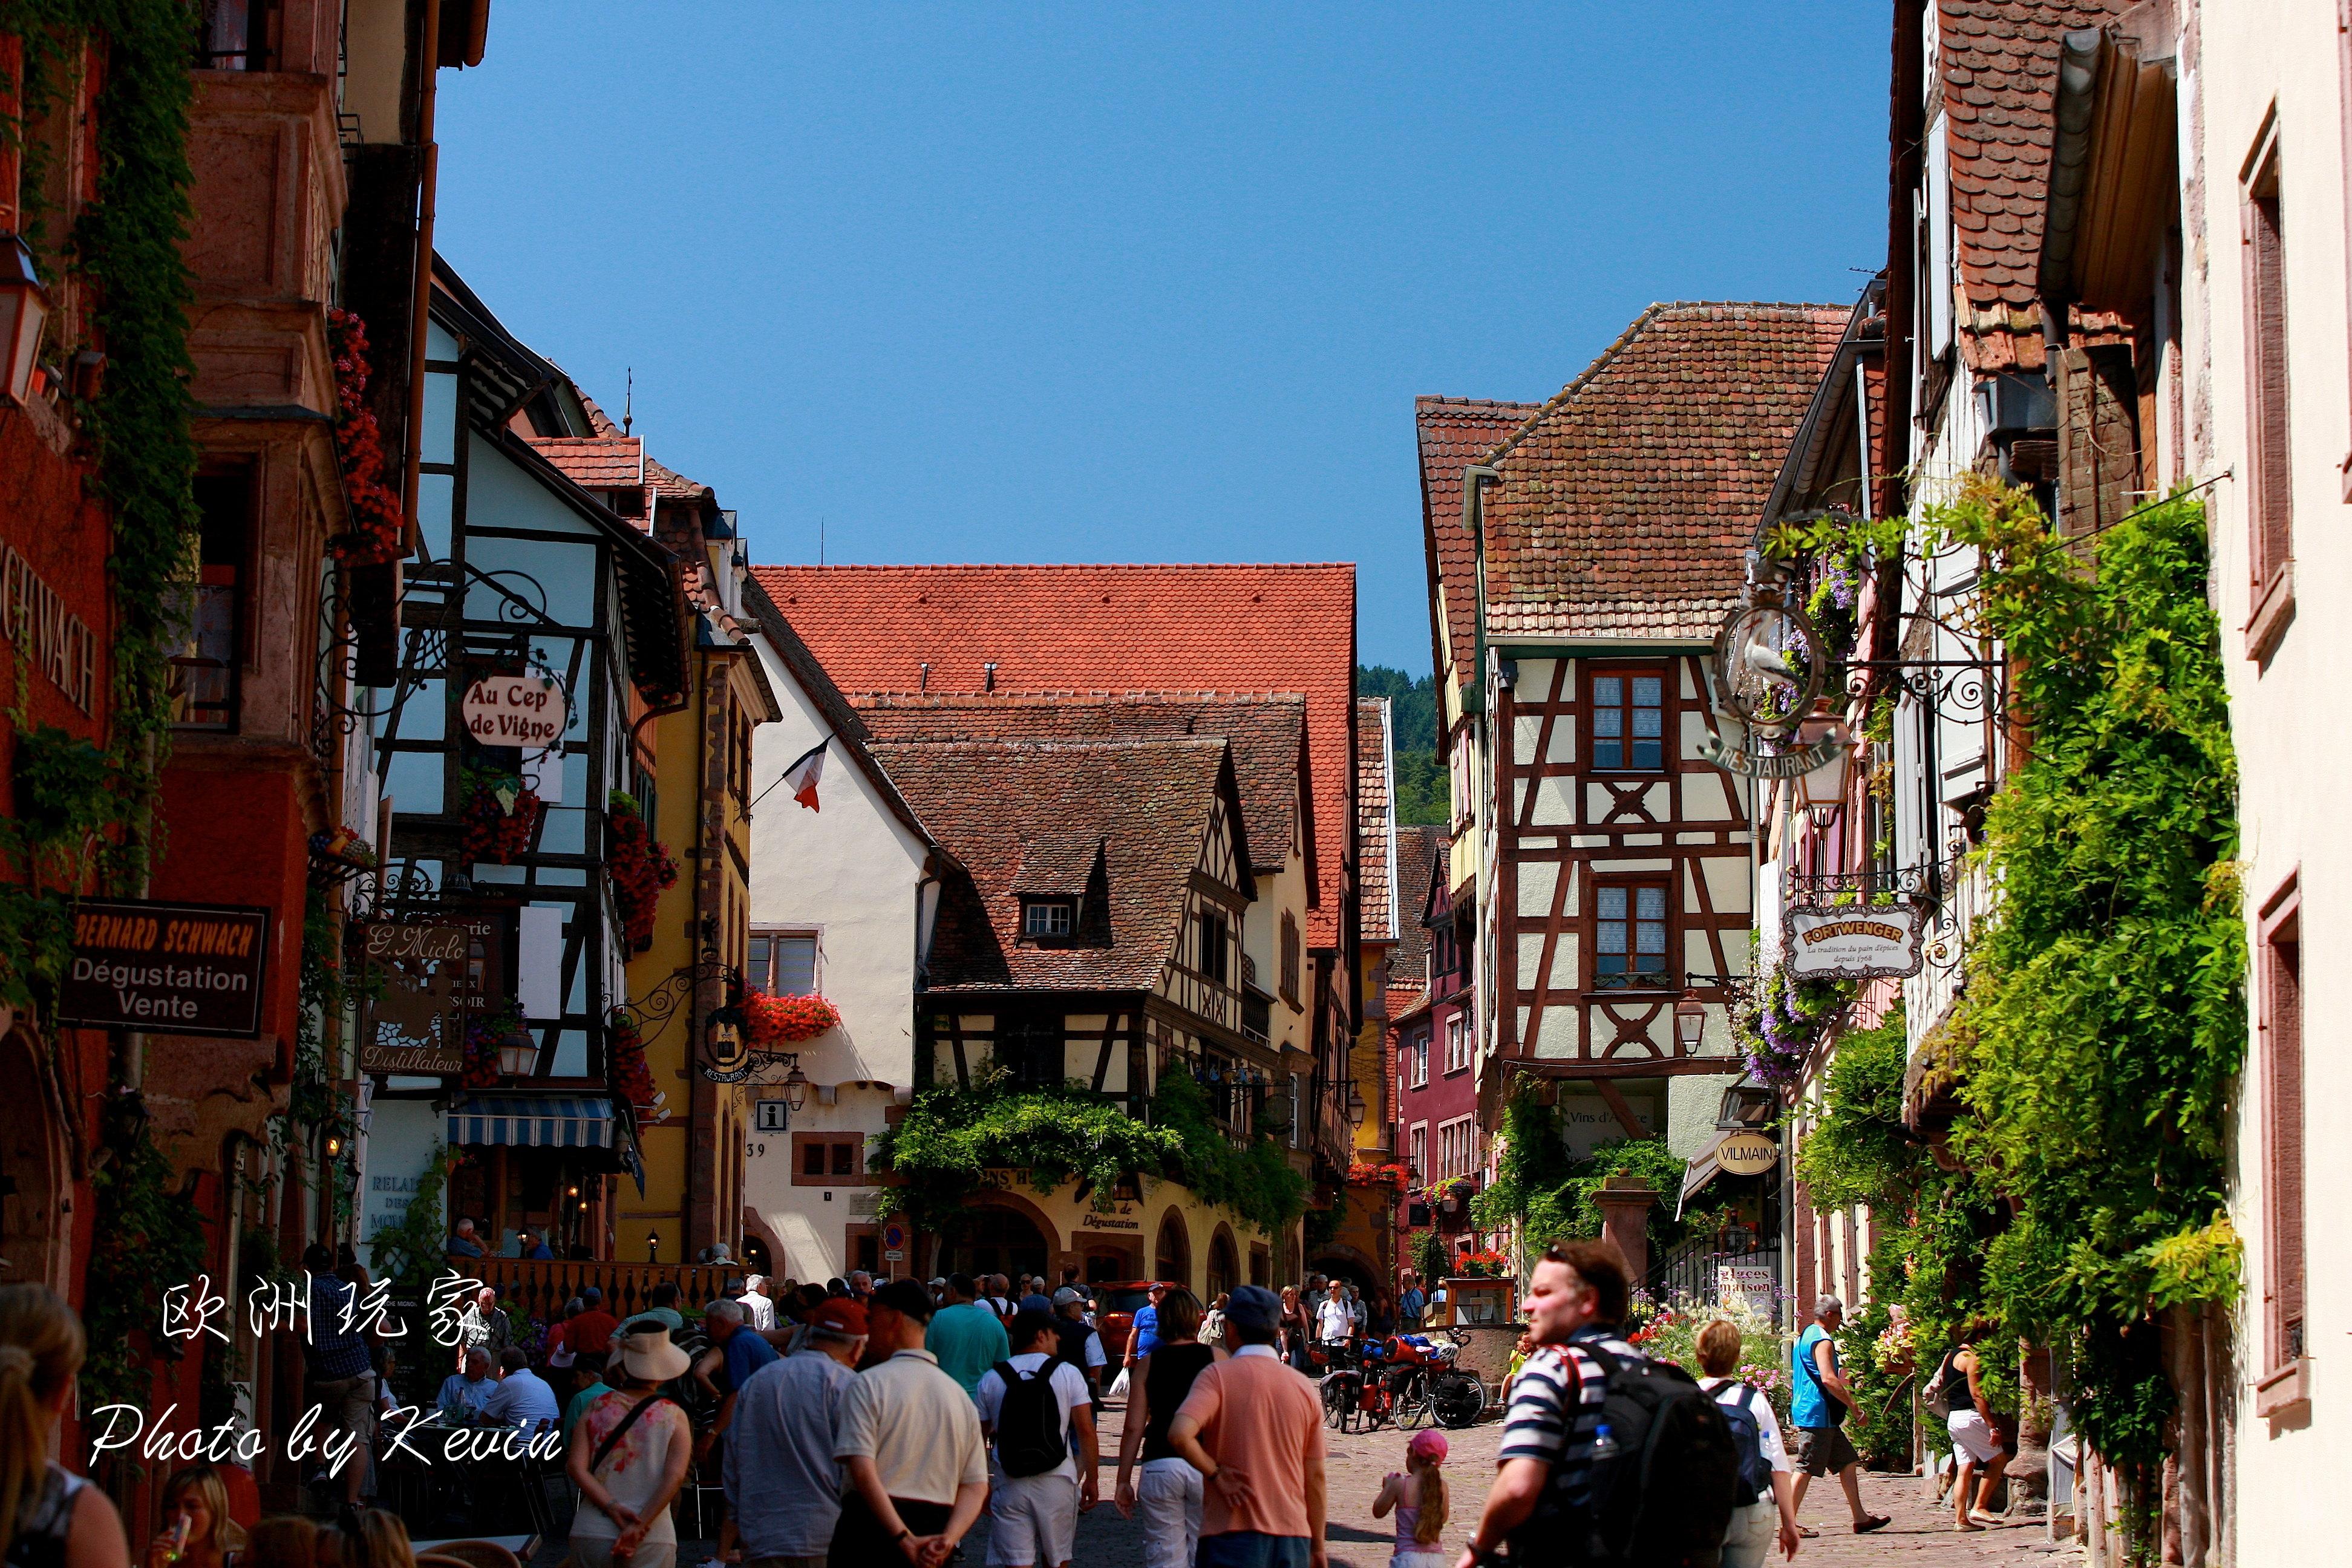 法国街道风景图图片展示_法国街道风景图相关图片